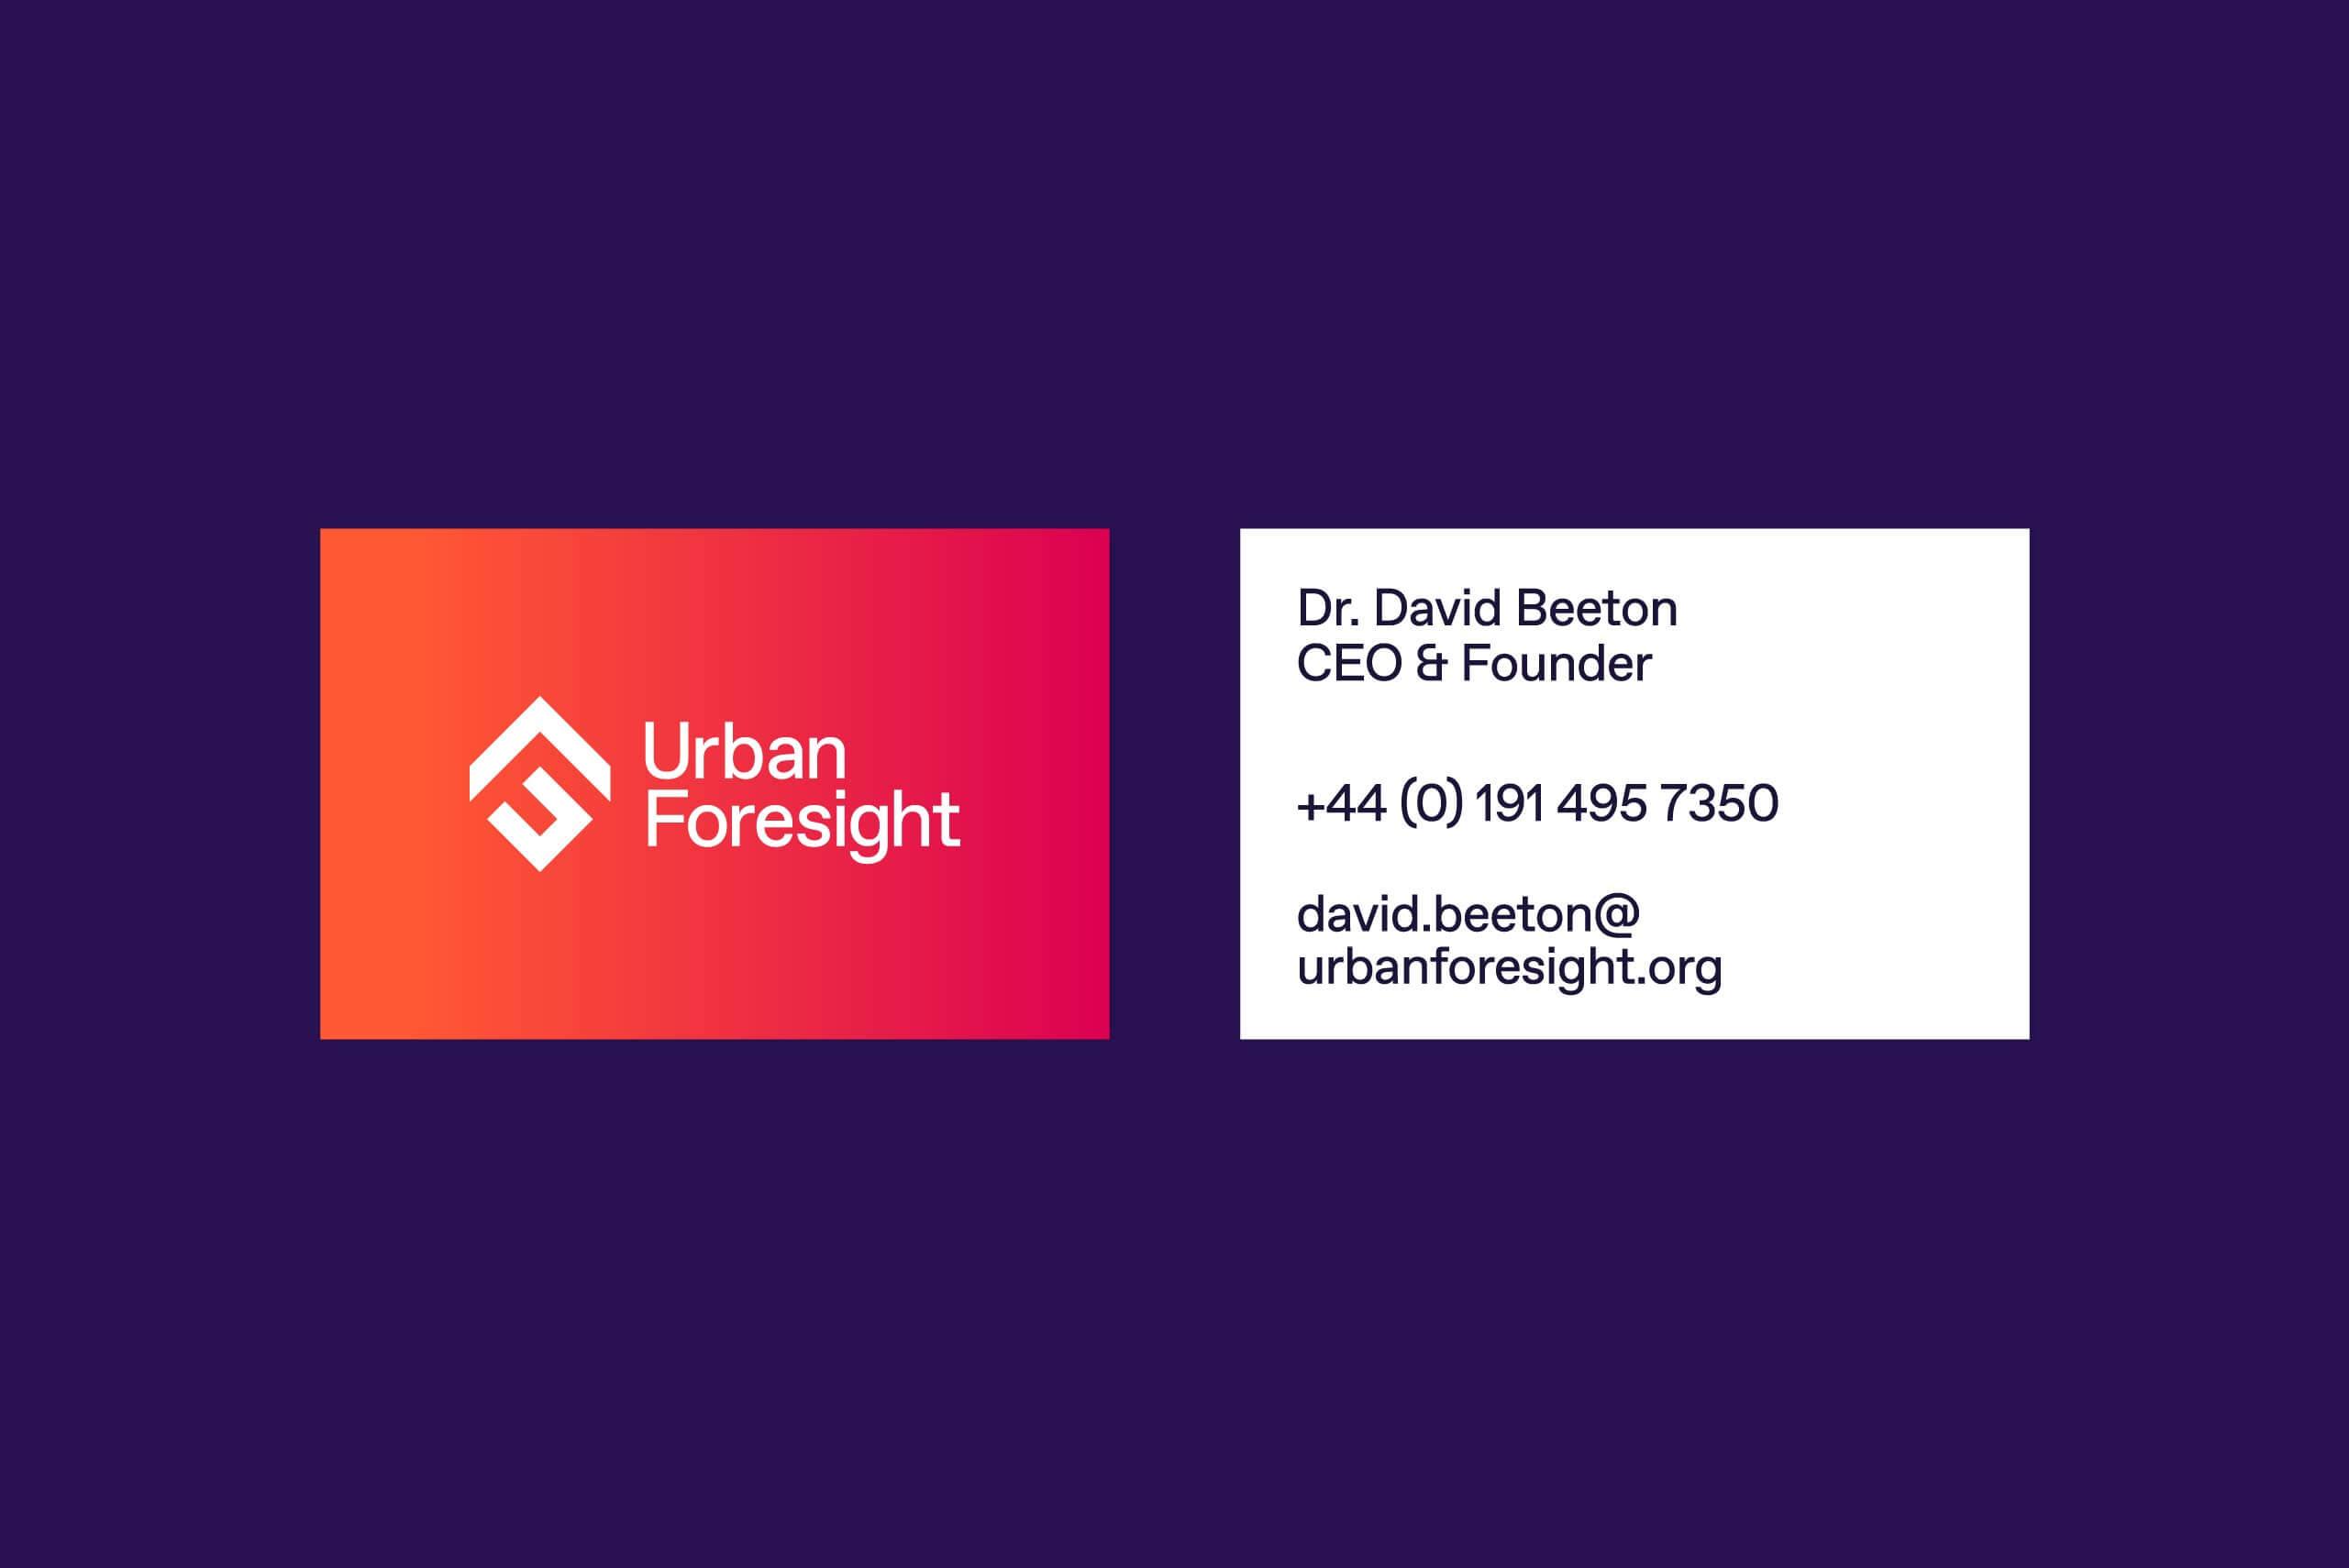 FRH-Urban-Foresight1-copy-10-1